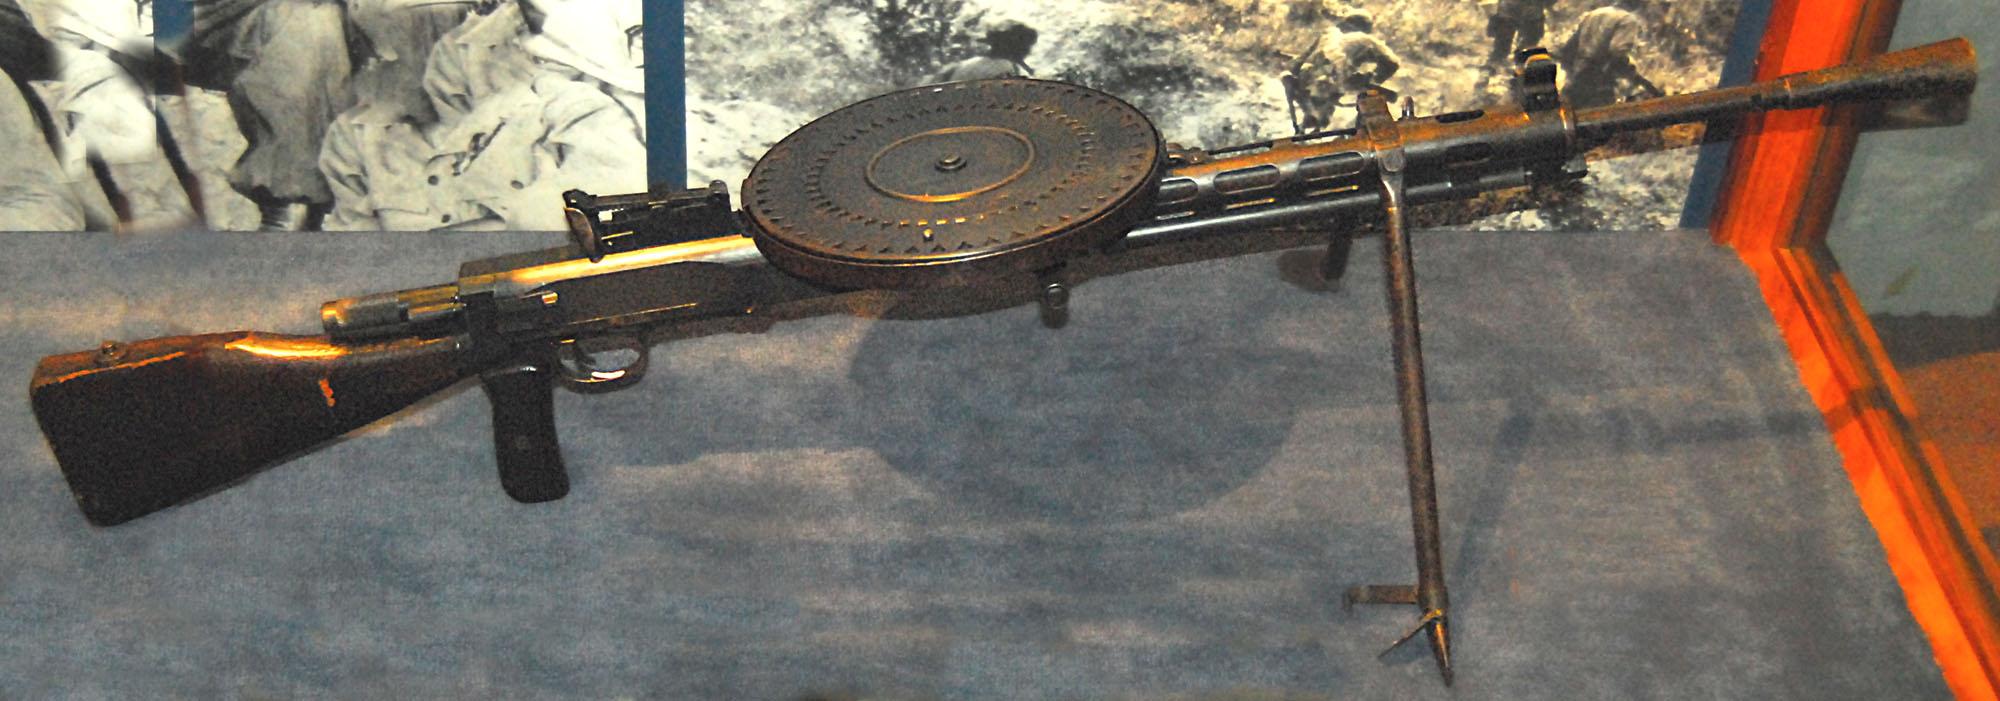 Пехотный ручной пулемёт Дегтярева